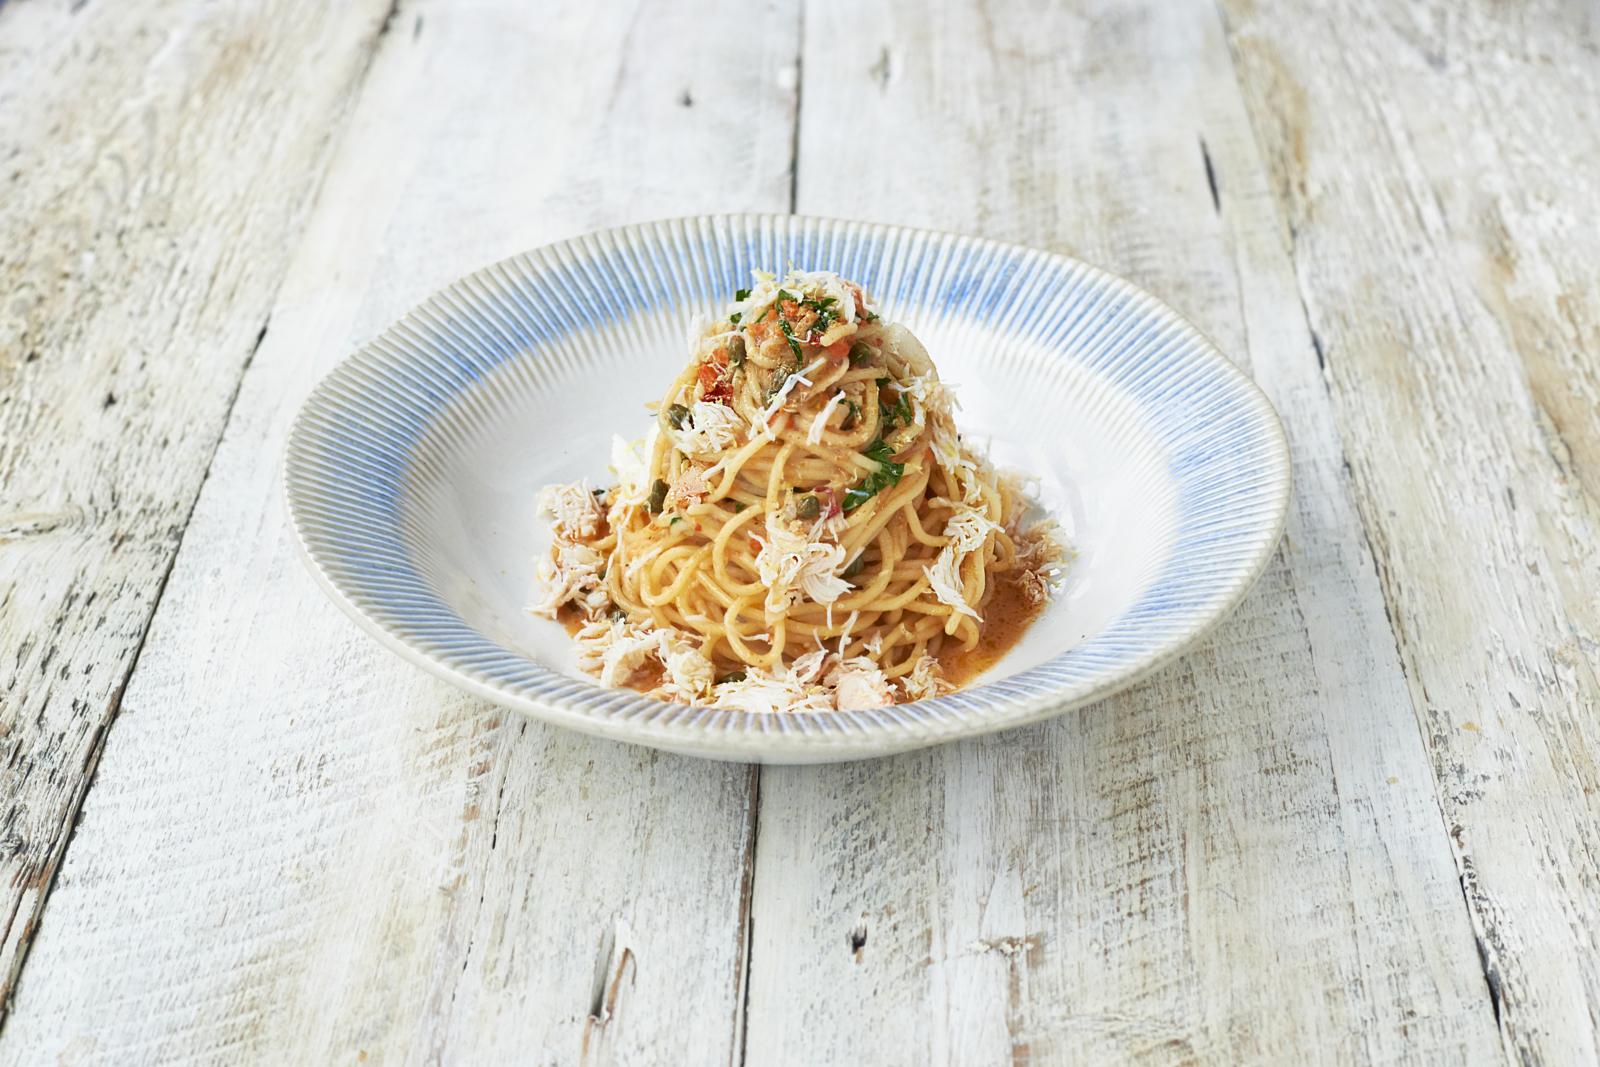 Jamie's Italian Crab Spaghetti | WL3 (Remote)